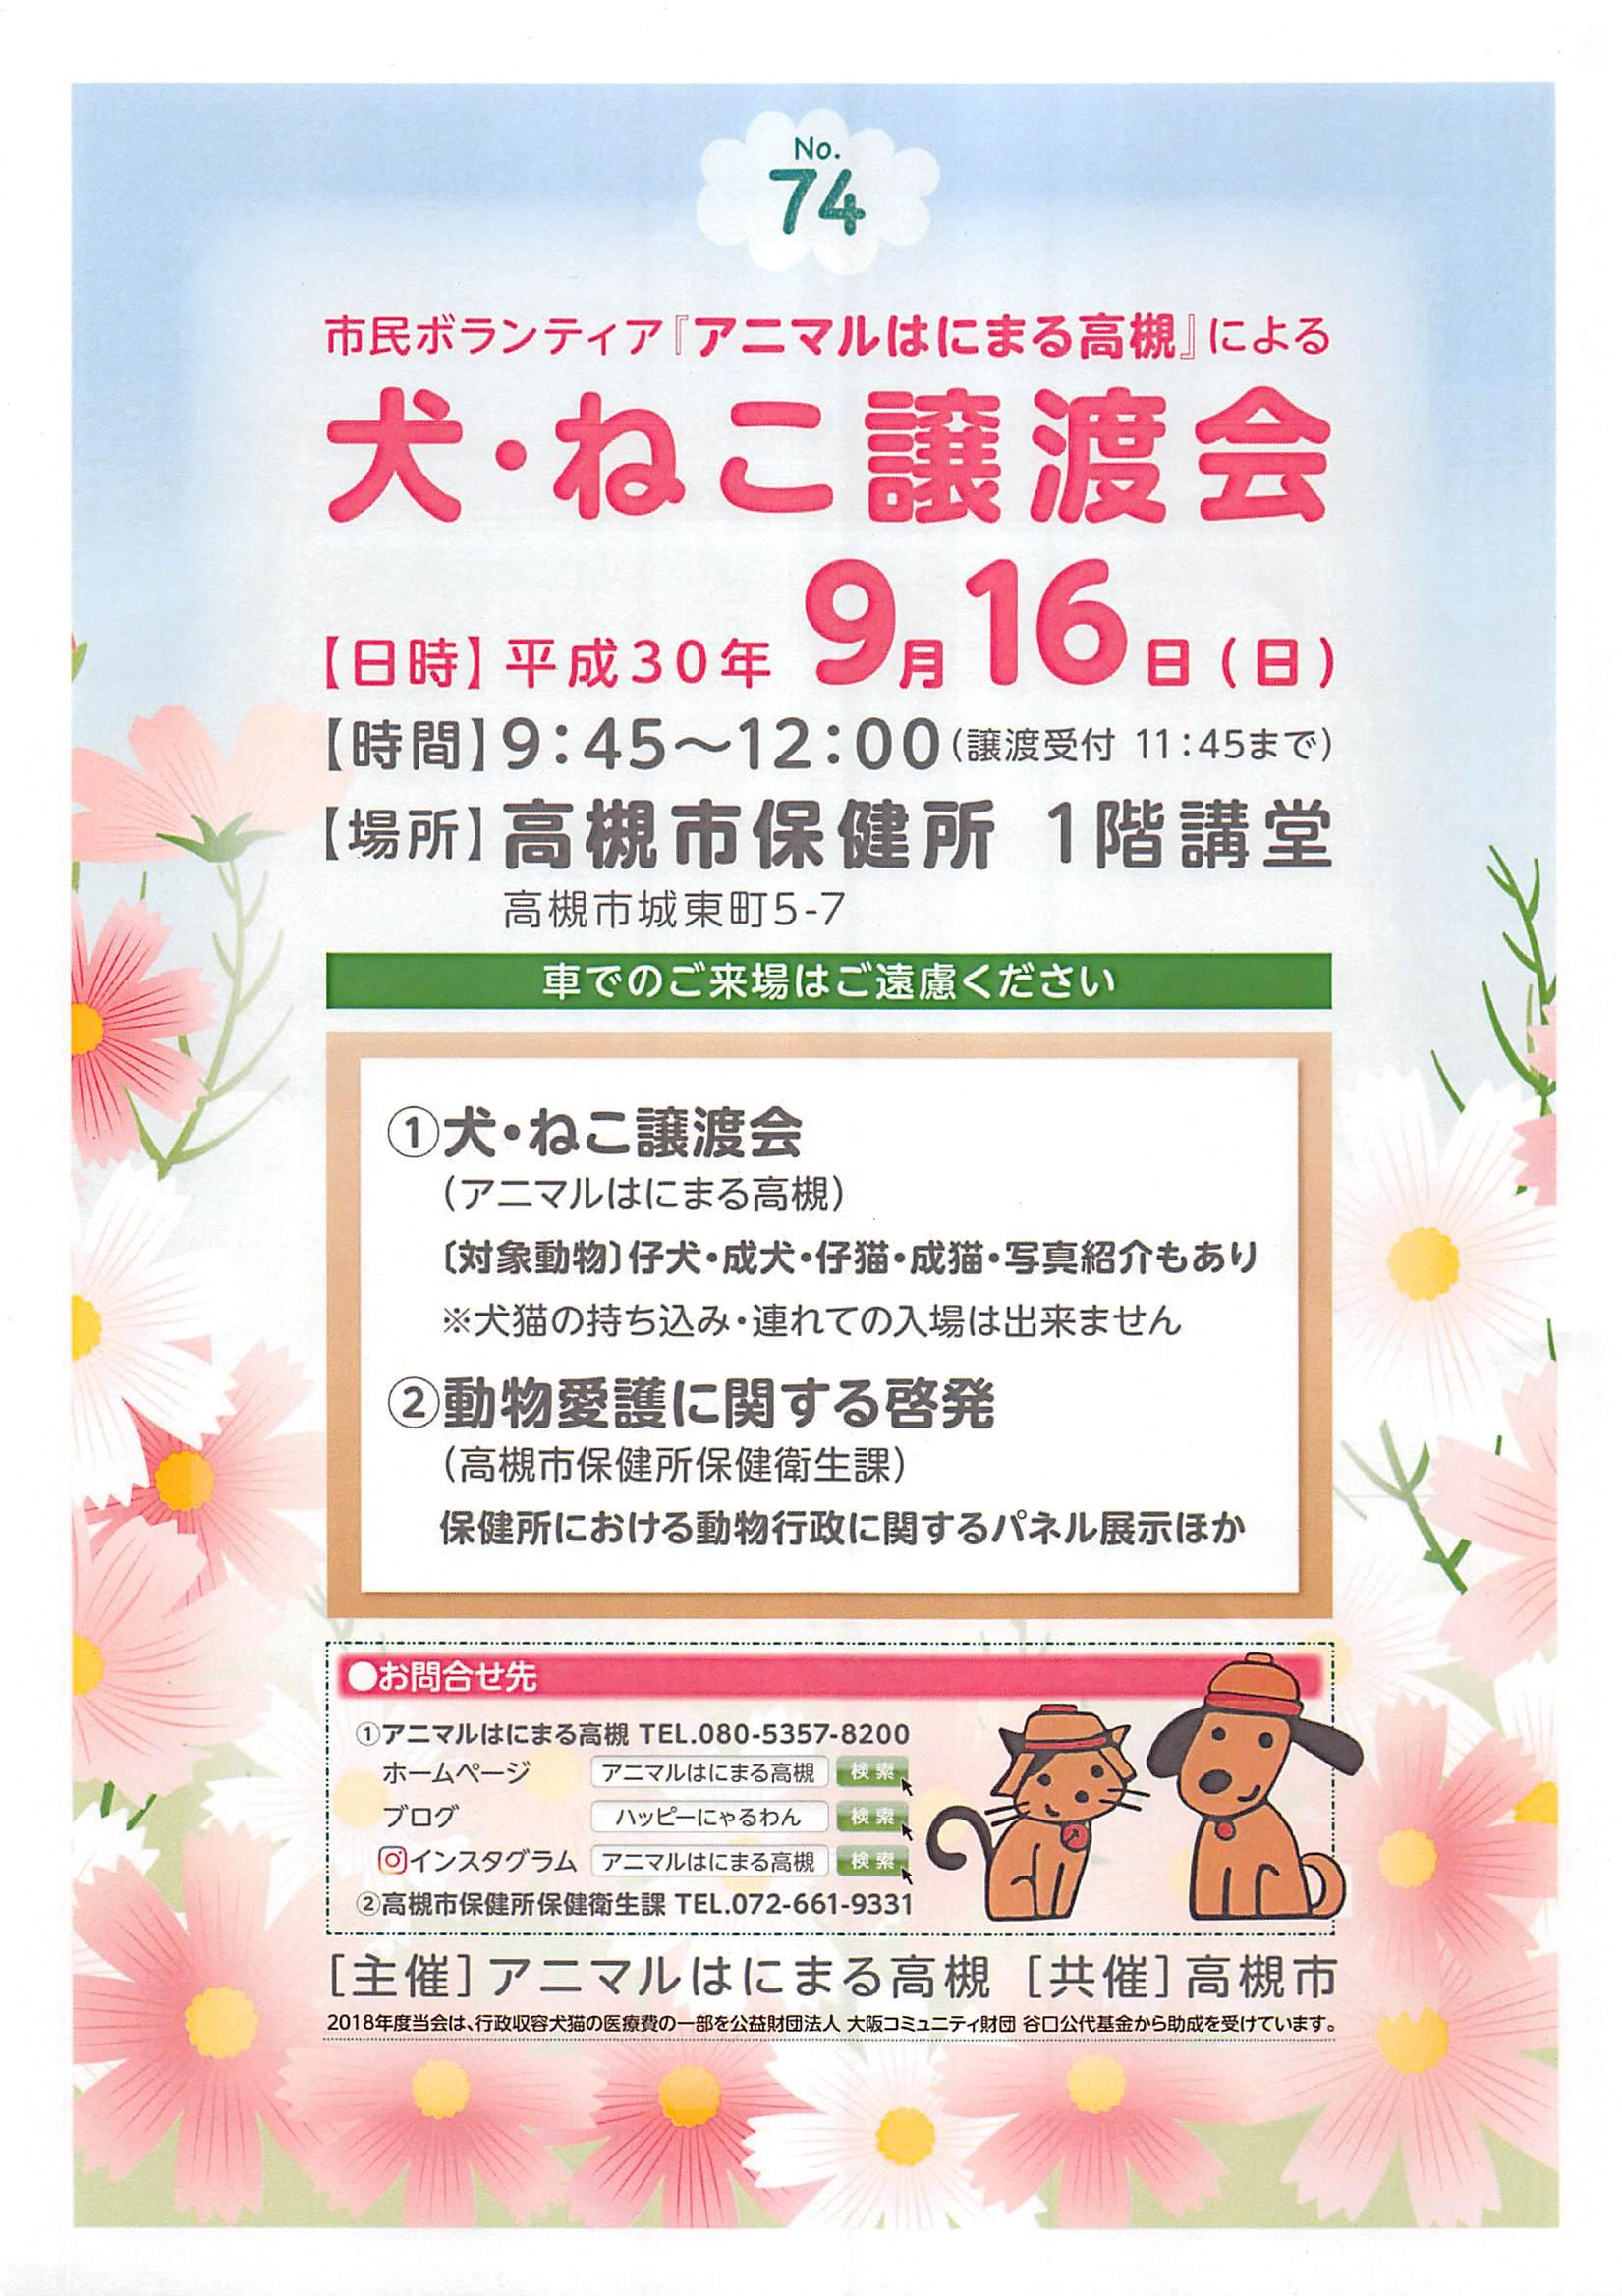 9月16日(日)「犬・ねこ譲渡会」アニマルはにまる高槻